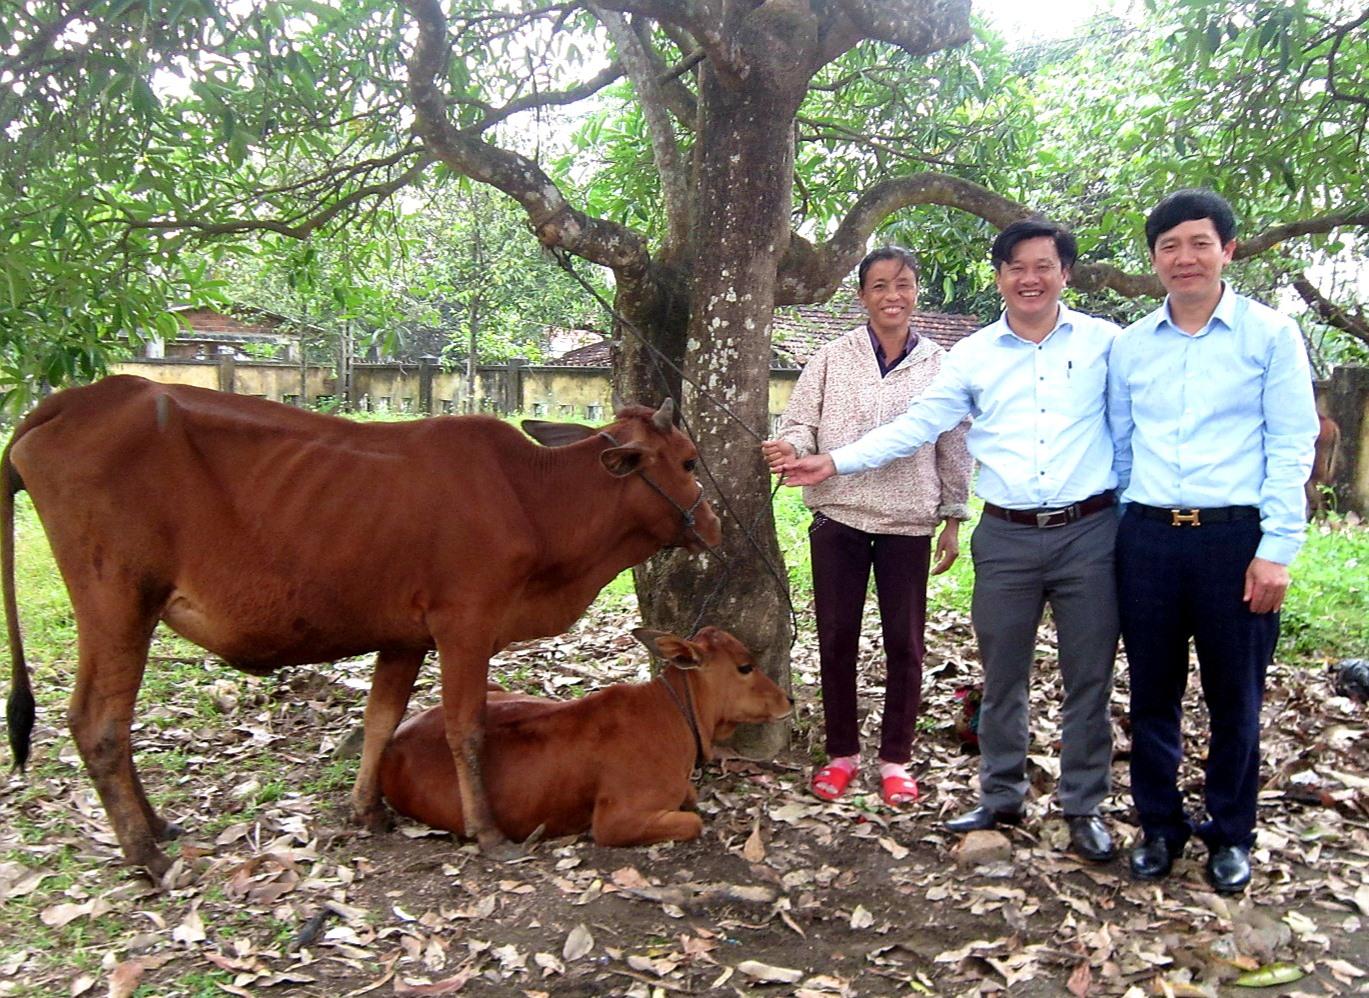 Lãnh đạo Ủy ban MTTQ Việt Nam huyện Quế Sơn tặng bò cho hộ nghèo ở xã Quế Minh. Ảnh: T.C